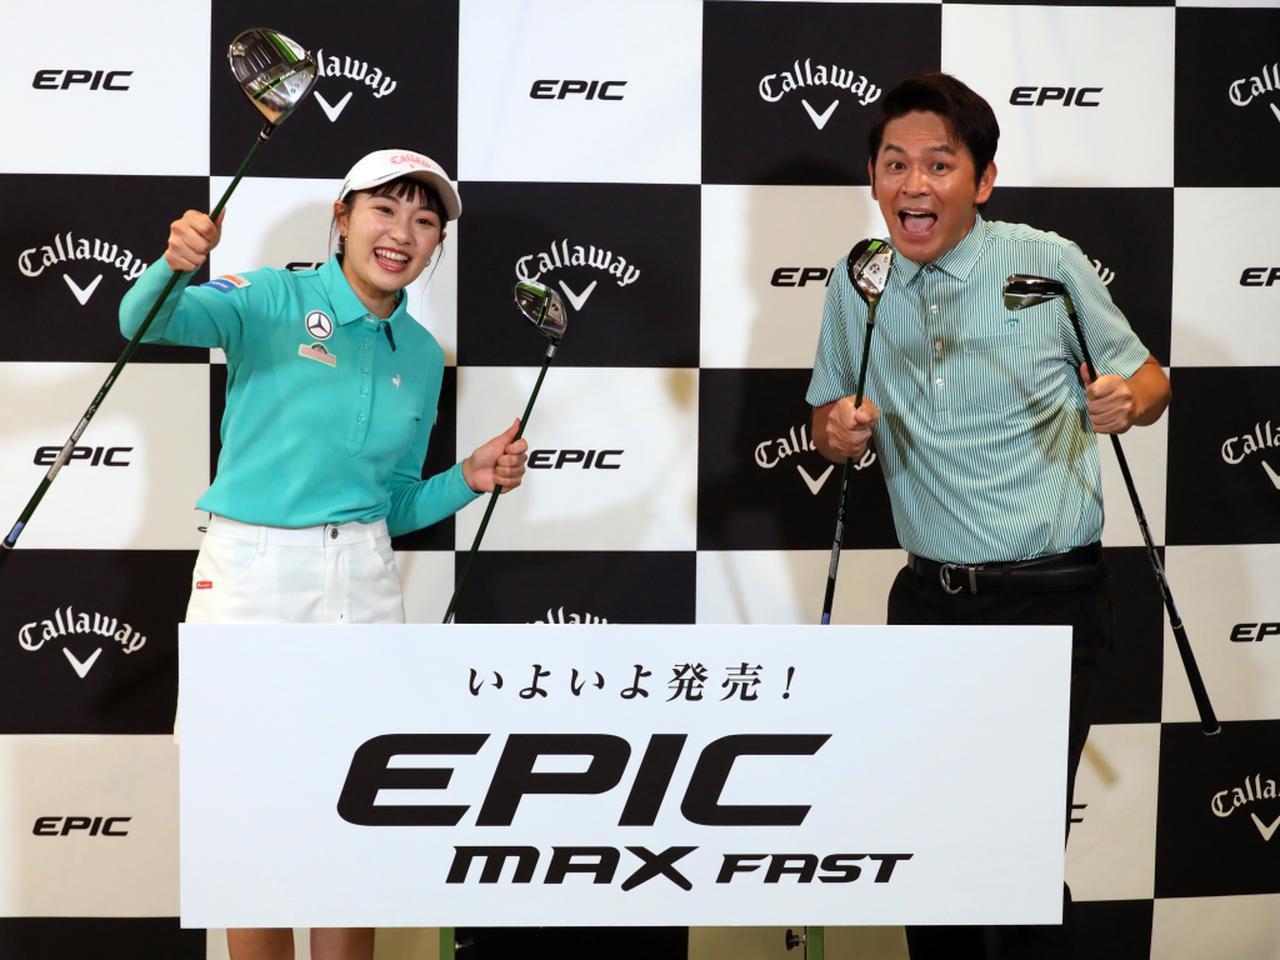 画像: エピックマックスファストシリーズ発売を記念したイベントに登壇した三浦桃香(左)とますだおかだ・岡田(右)